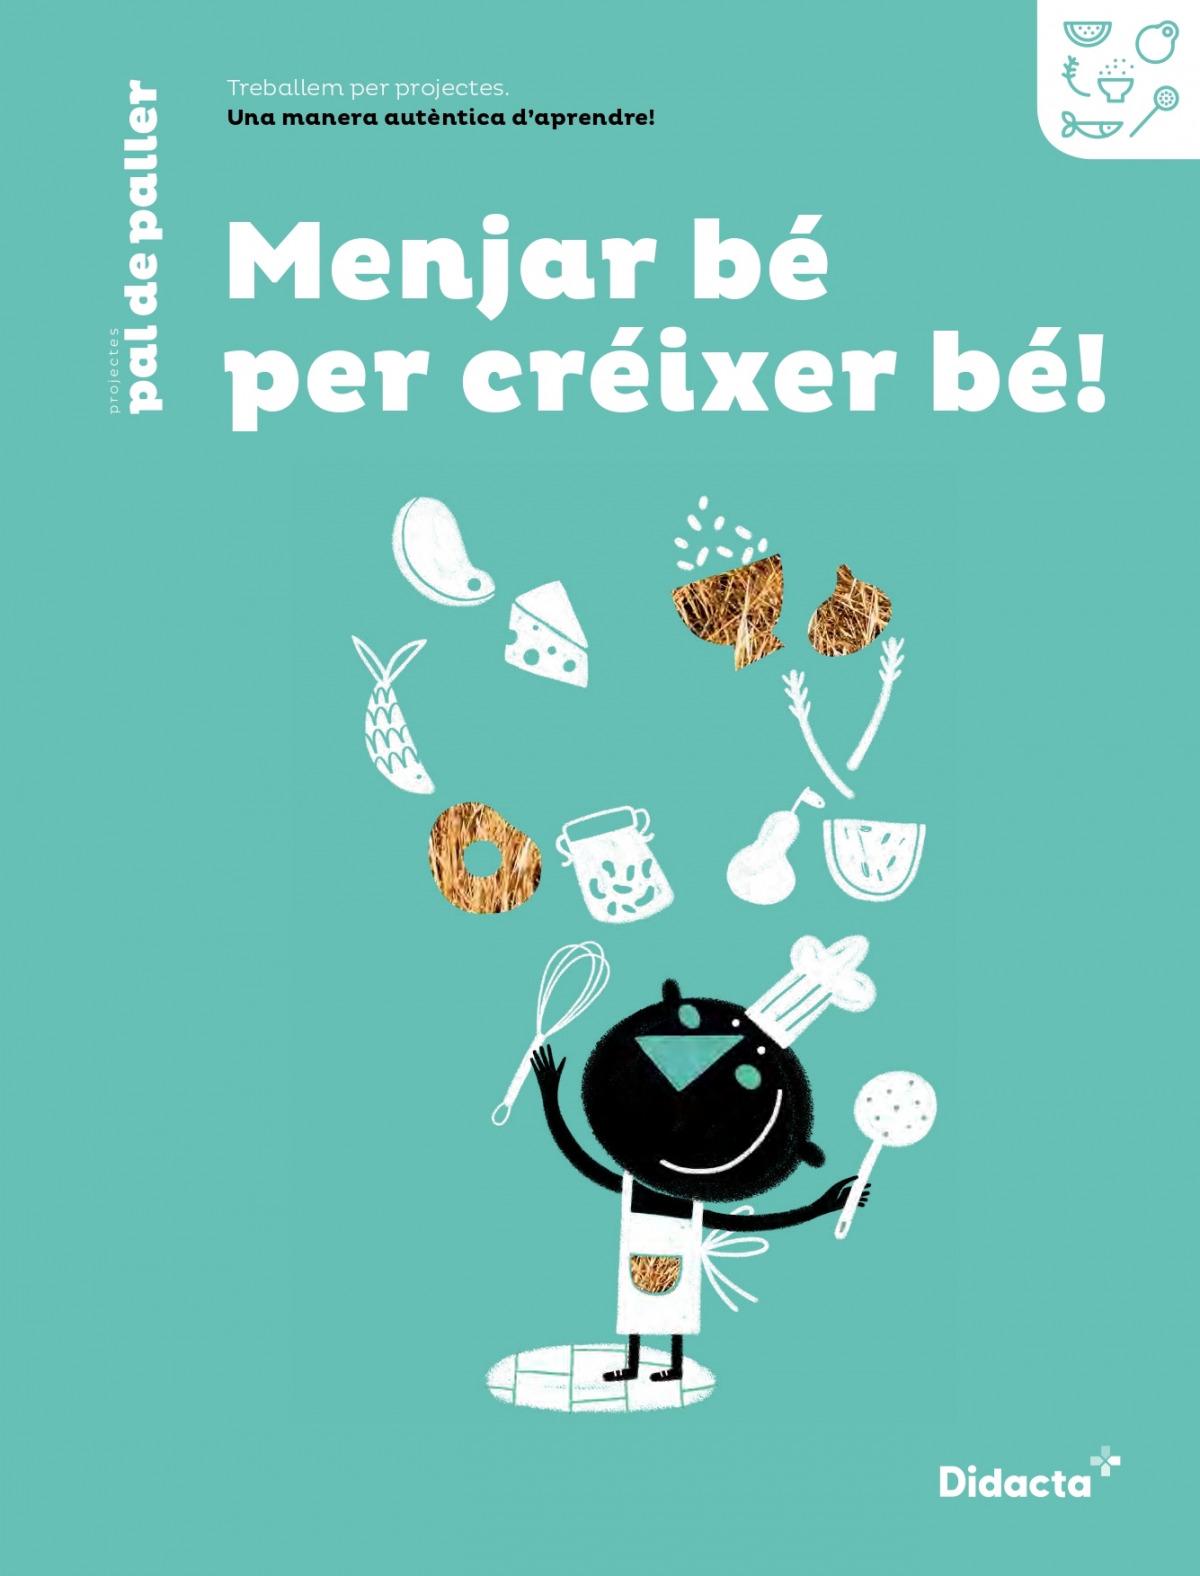 Menjar bé per créixer bé! Quadern de treball (nova edició 2021)